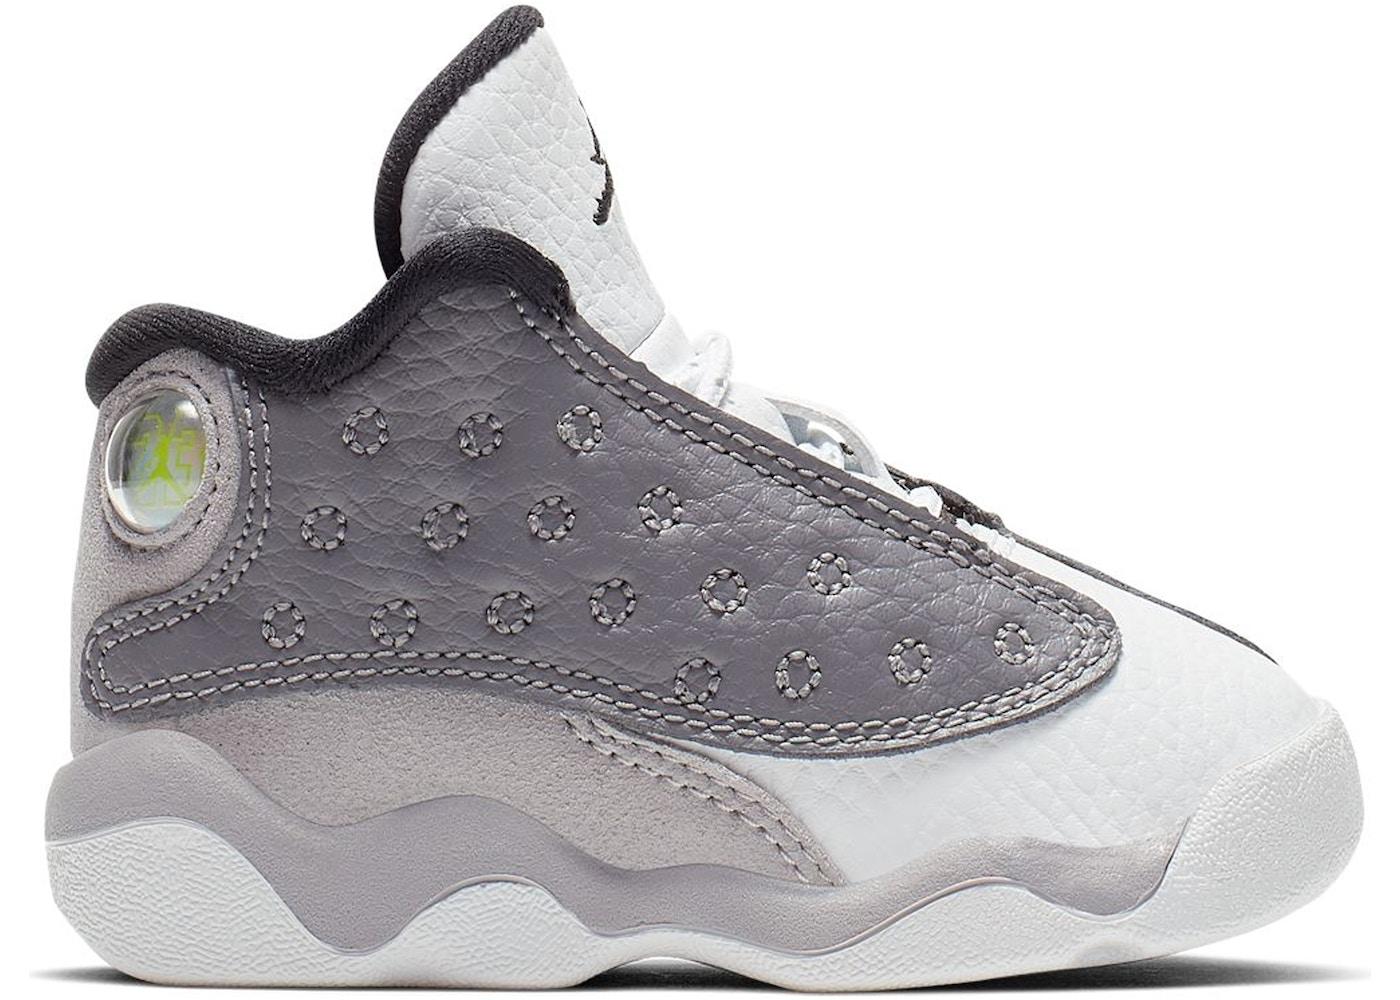 f73c9834123c Air Jordan Size 5 Shoes - Release Date